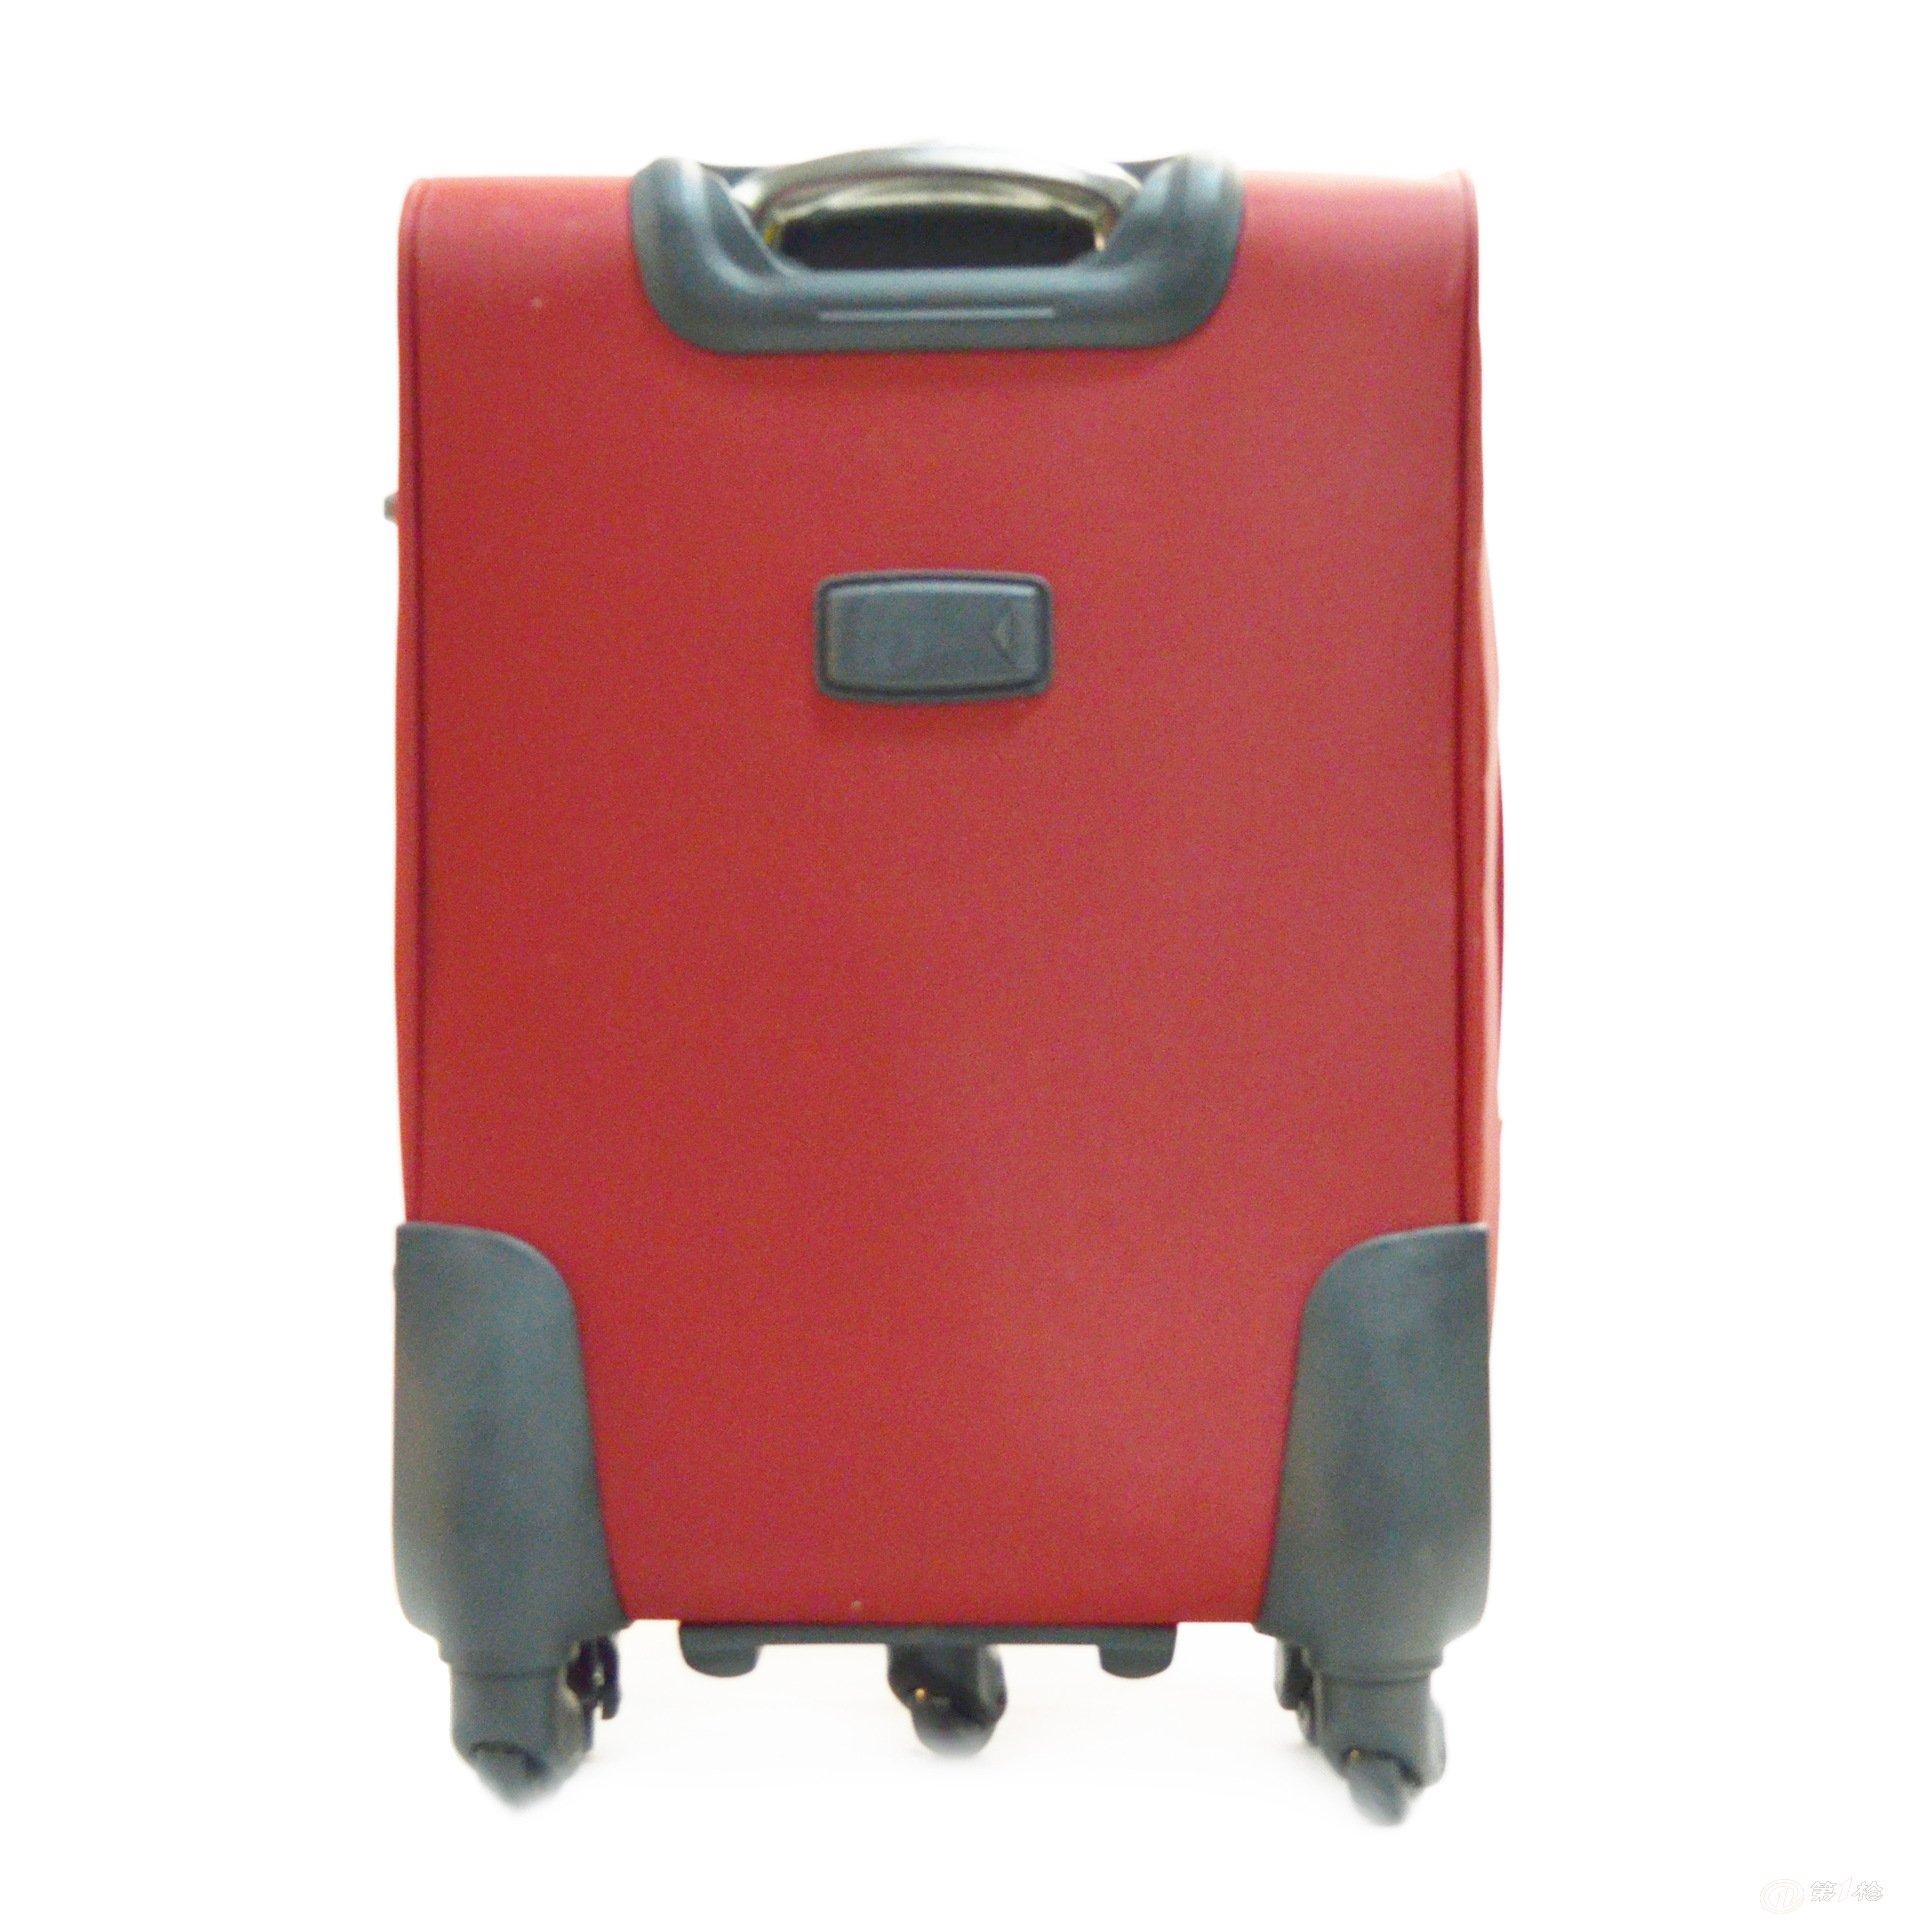 旅行箱,旅行登机箱